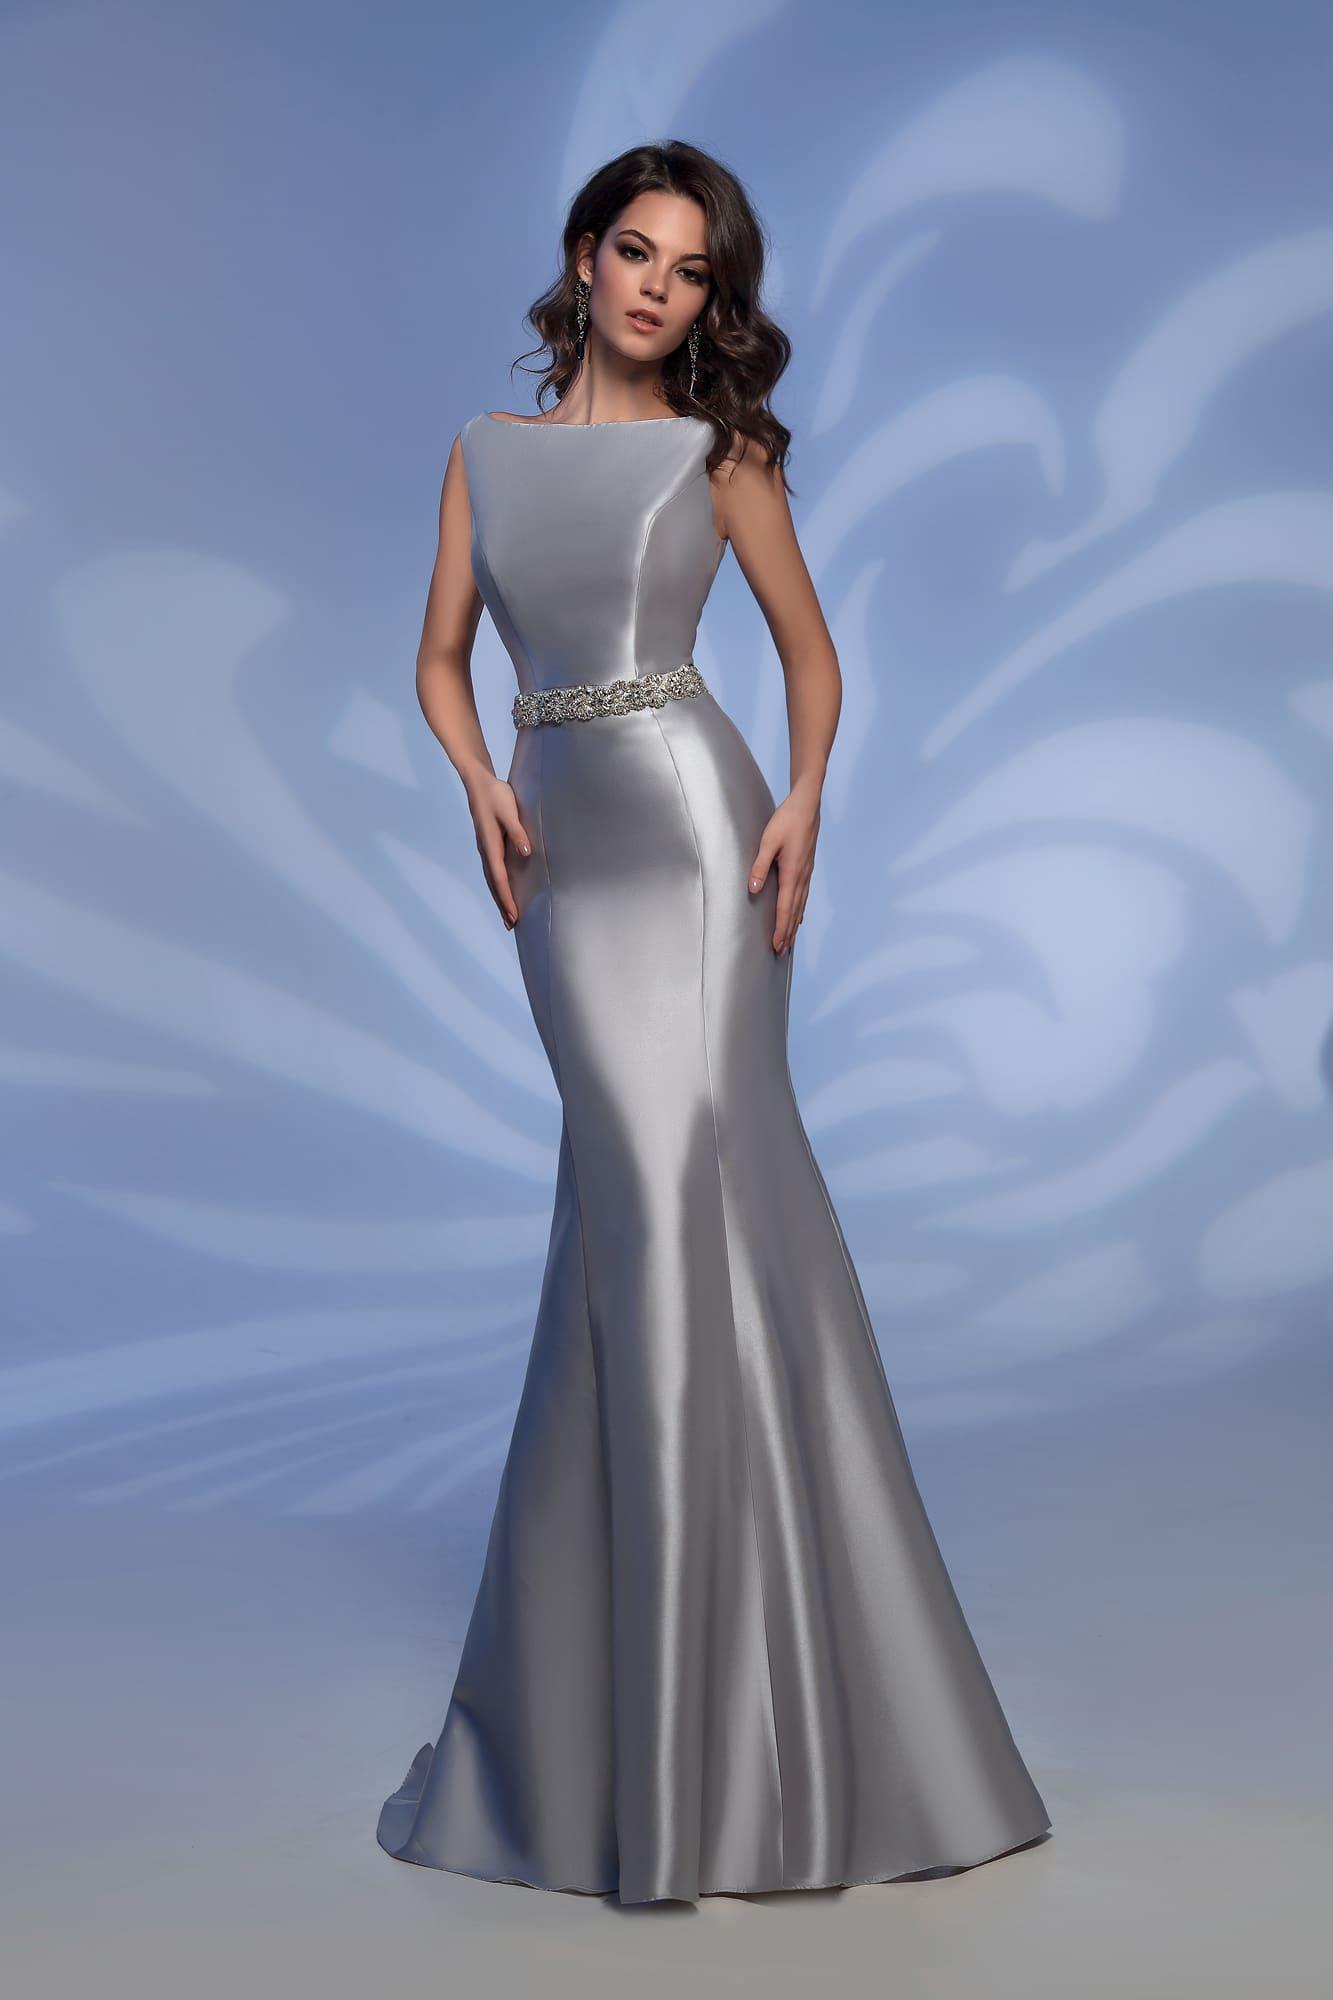 d8ea13158bfacfa Вечернее платье «рыбка» Nora Naviano 51929 silver. Купить вечернее ...